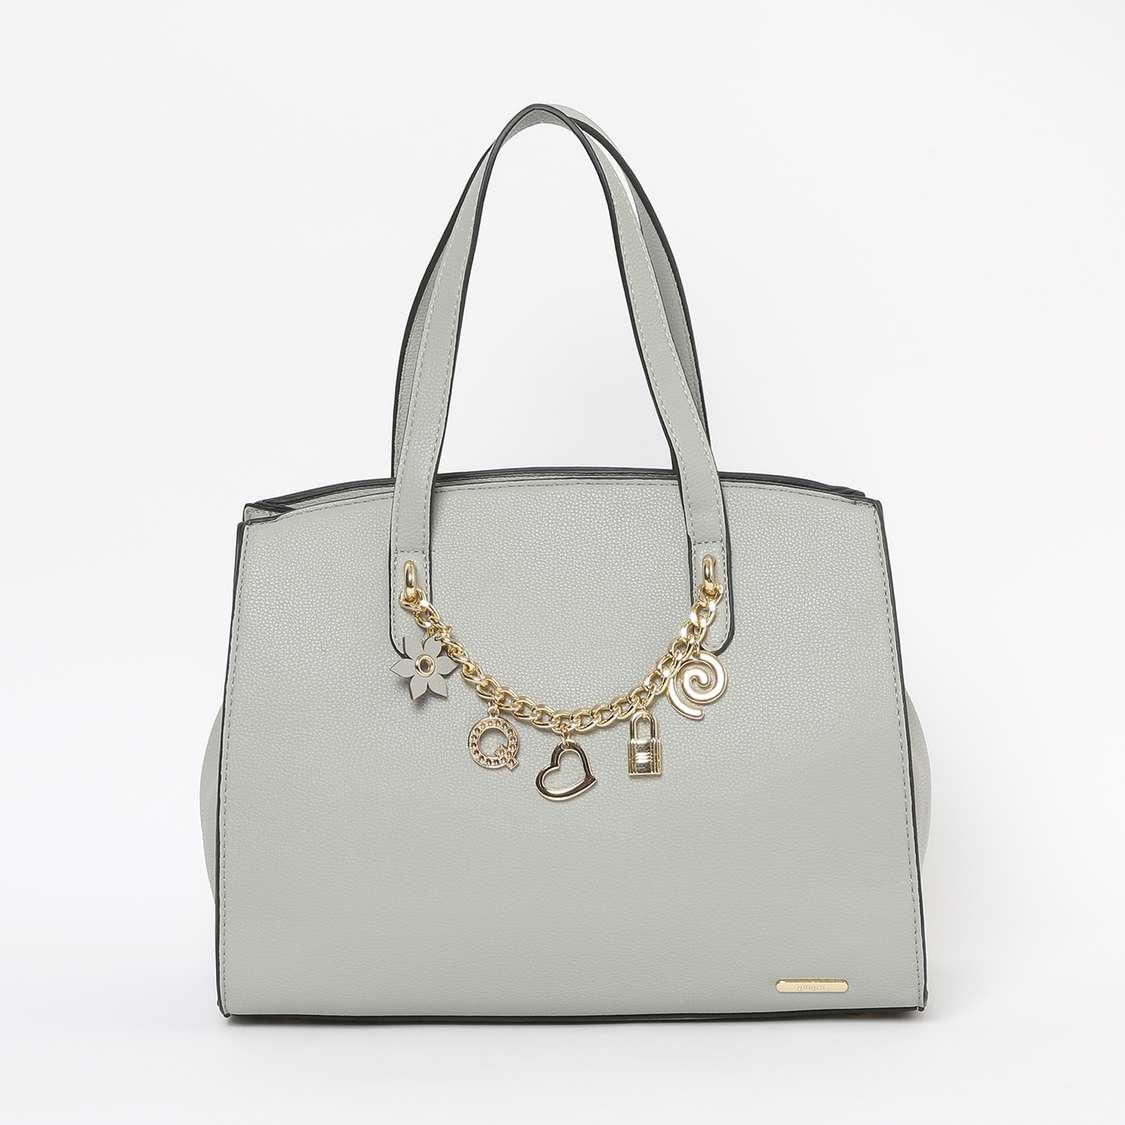 GINGER Embellished Handheld Bag